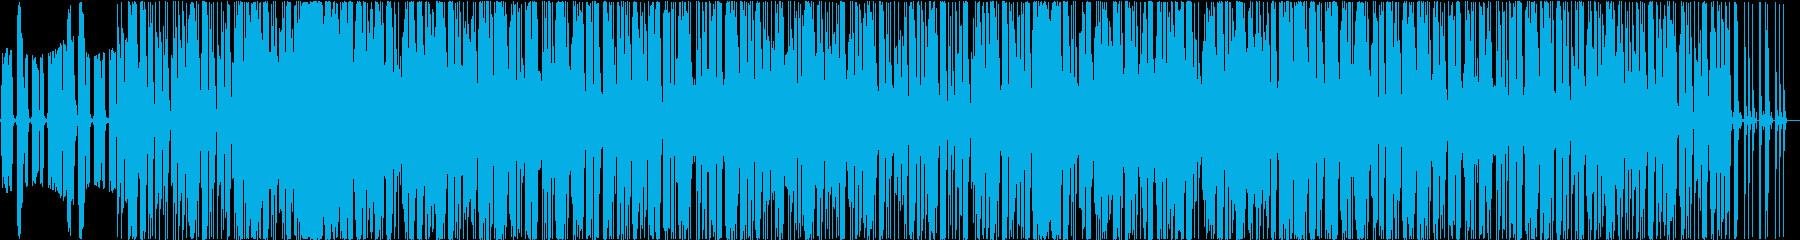 オールドスクールっぽいBGMの再生済みの波形